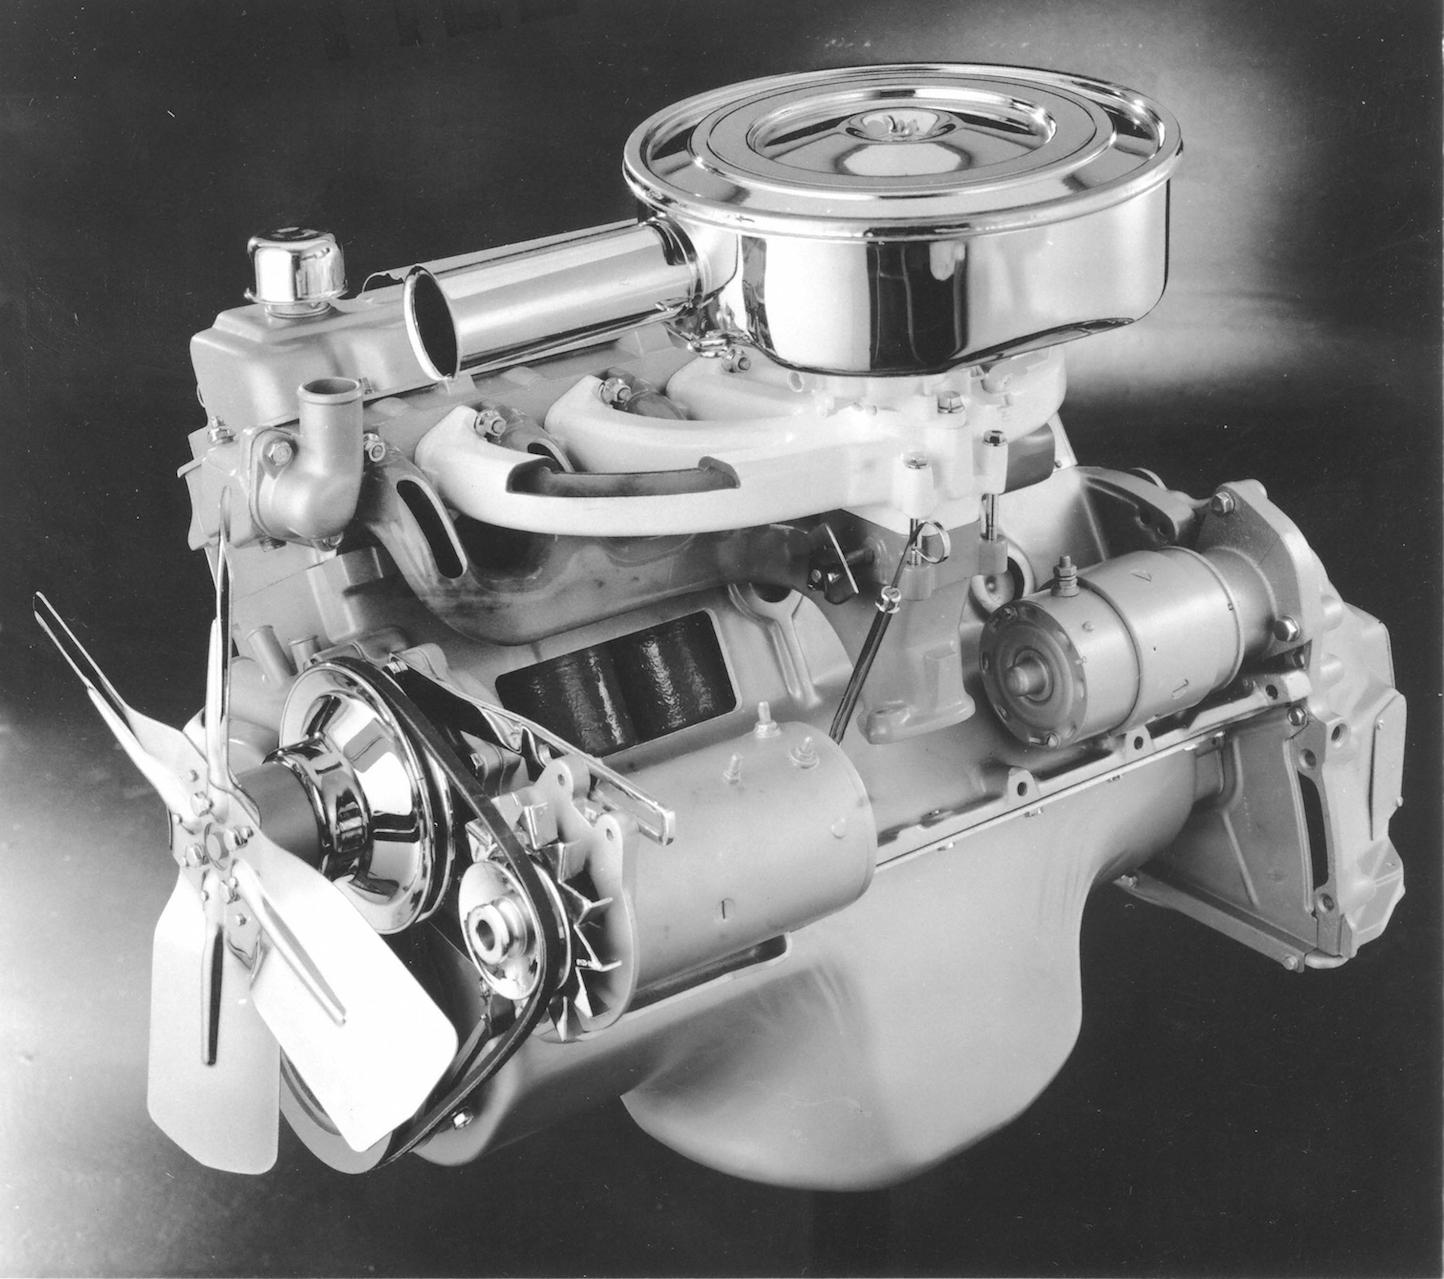 Slant-6 engine black and white